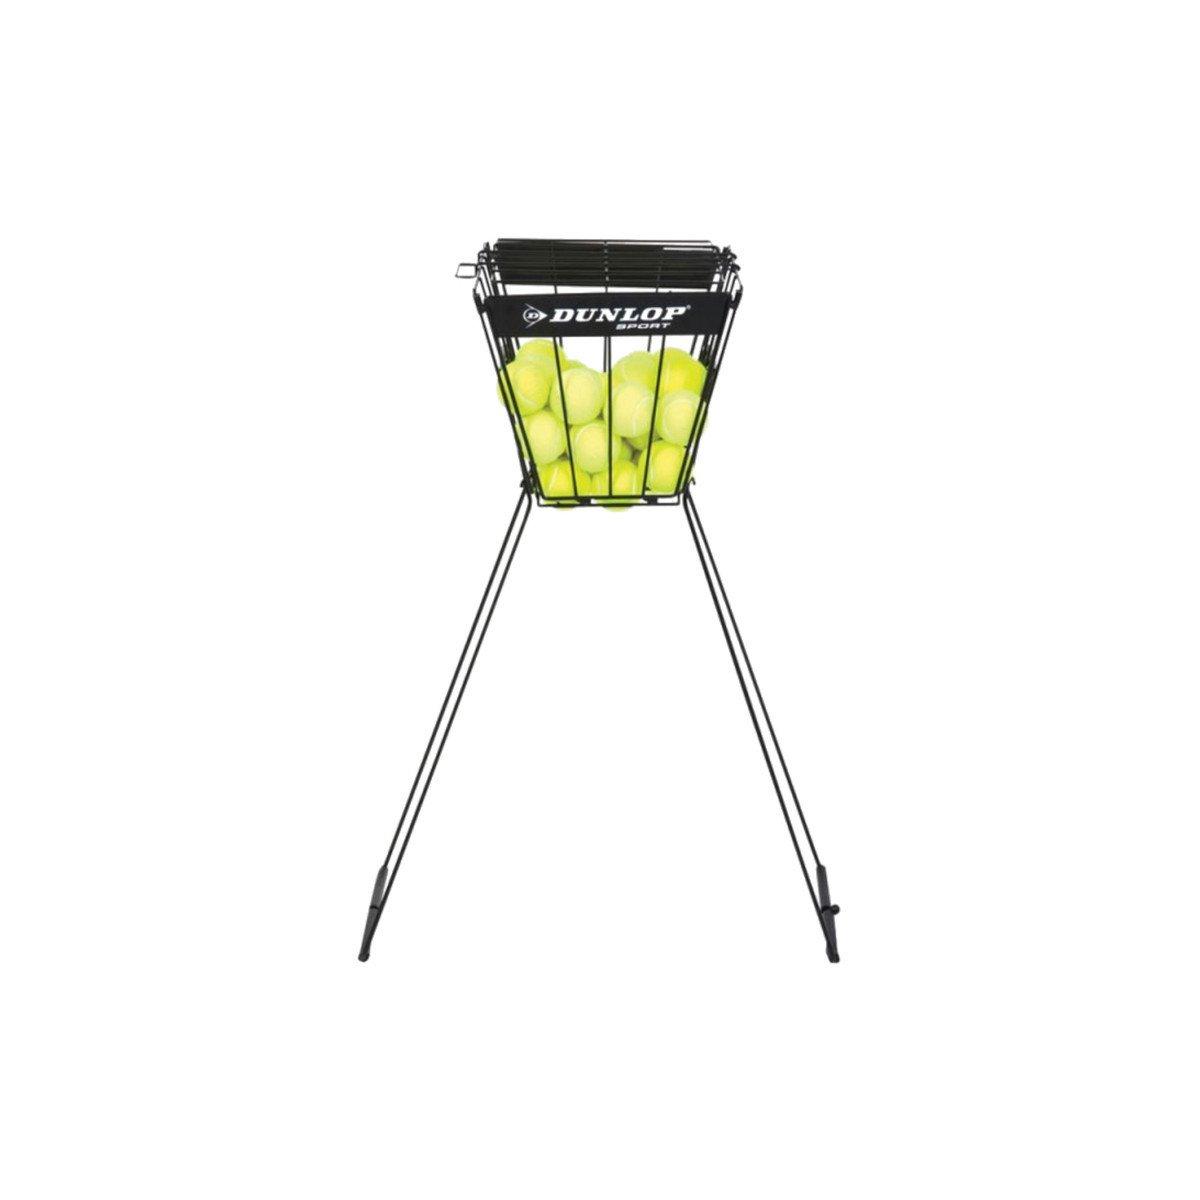 Tennis Ball Hopper – Dunlop (70 Balls)